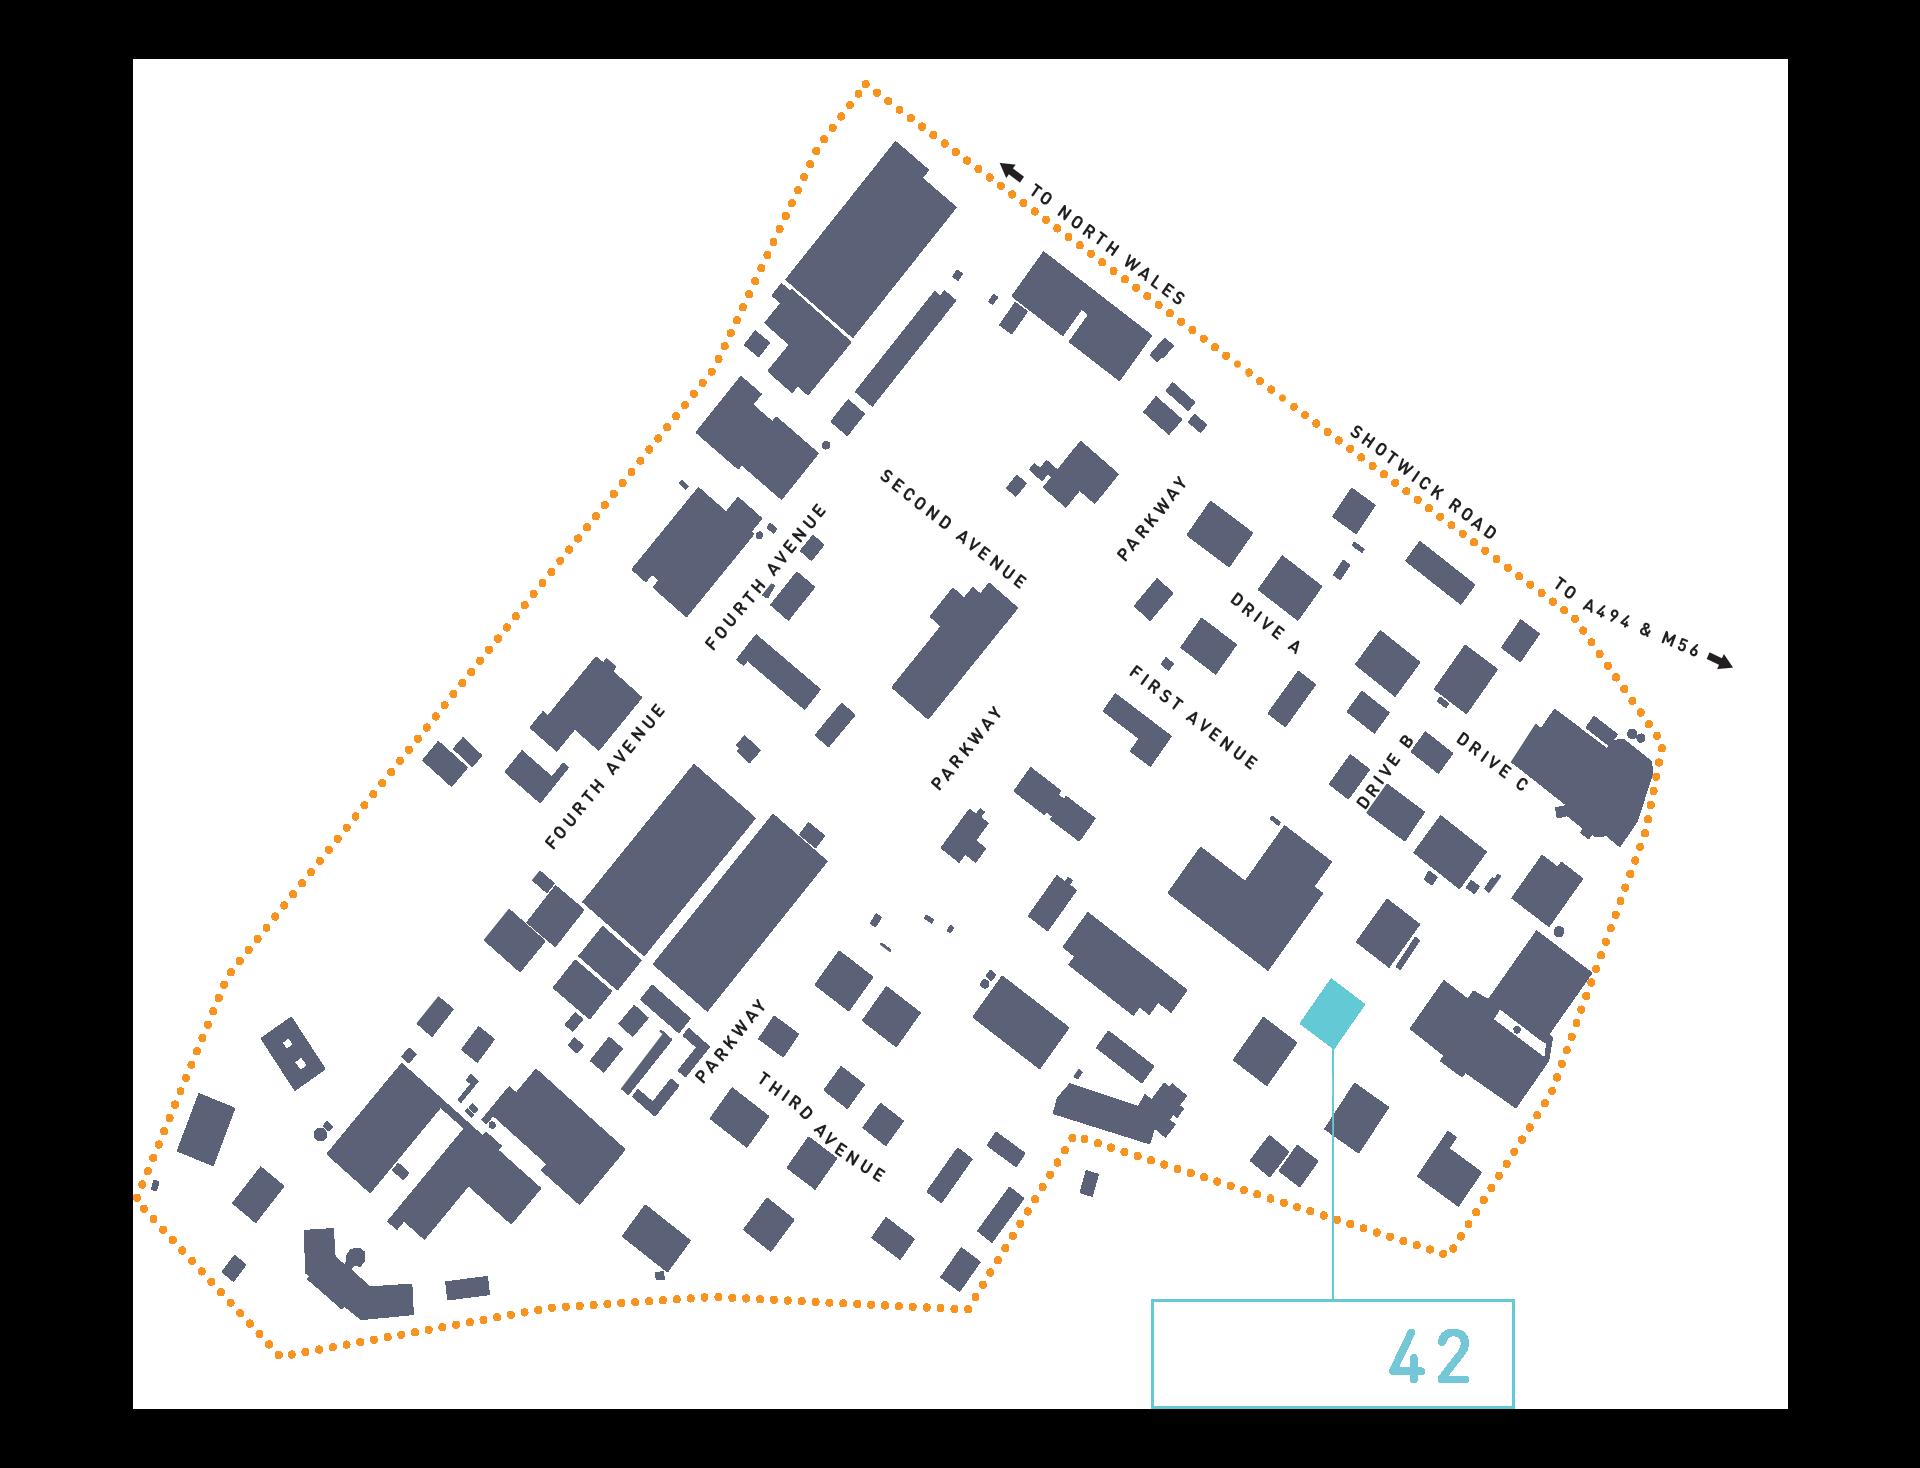 Unit 42 Plan